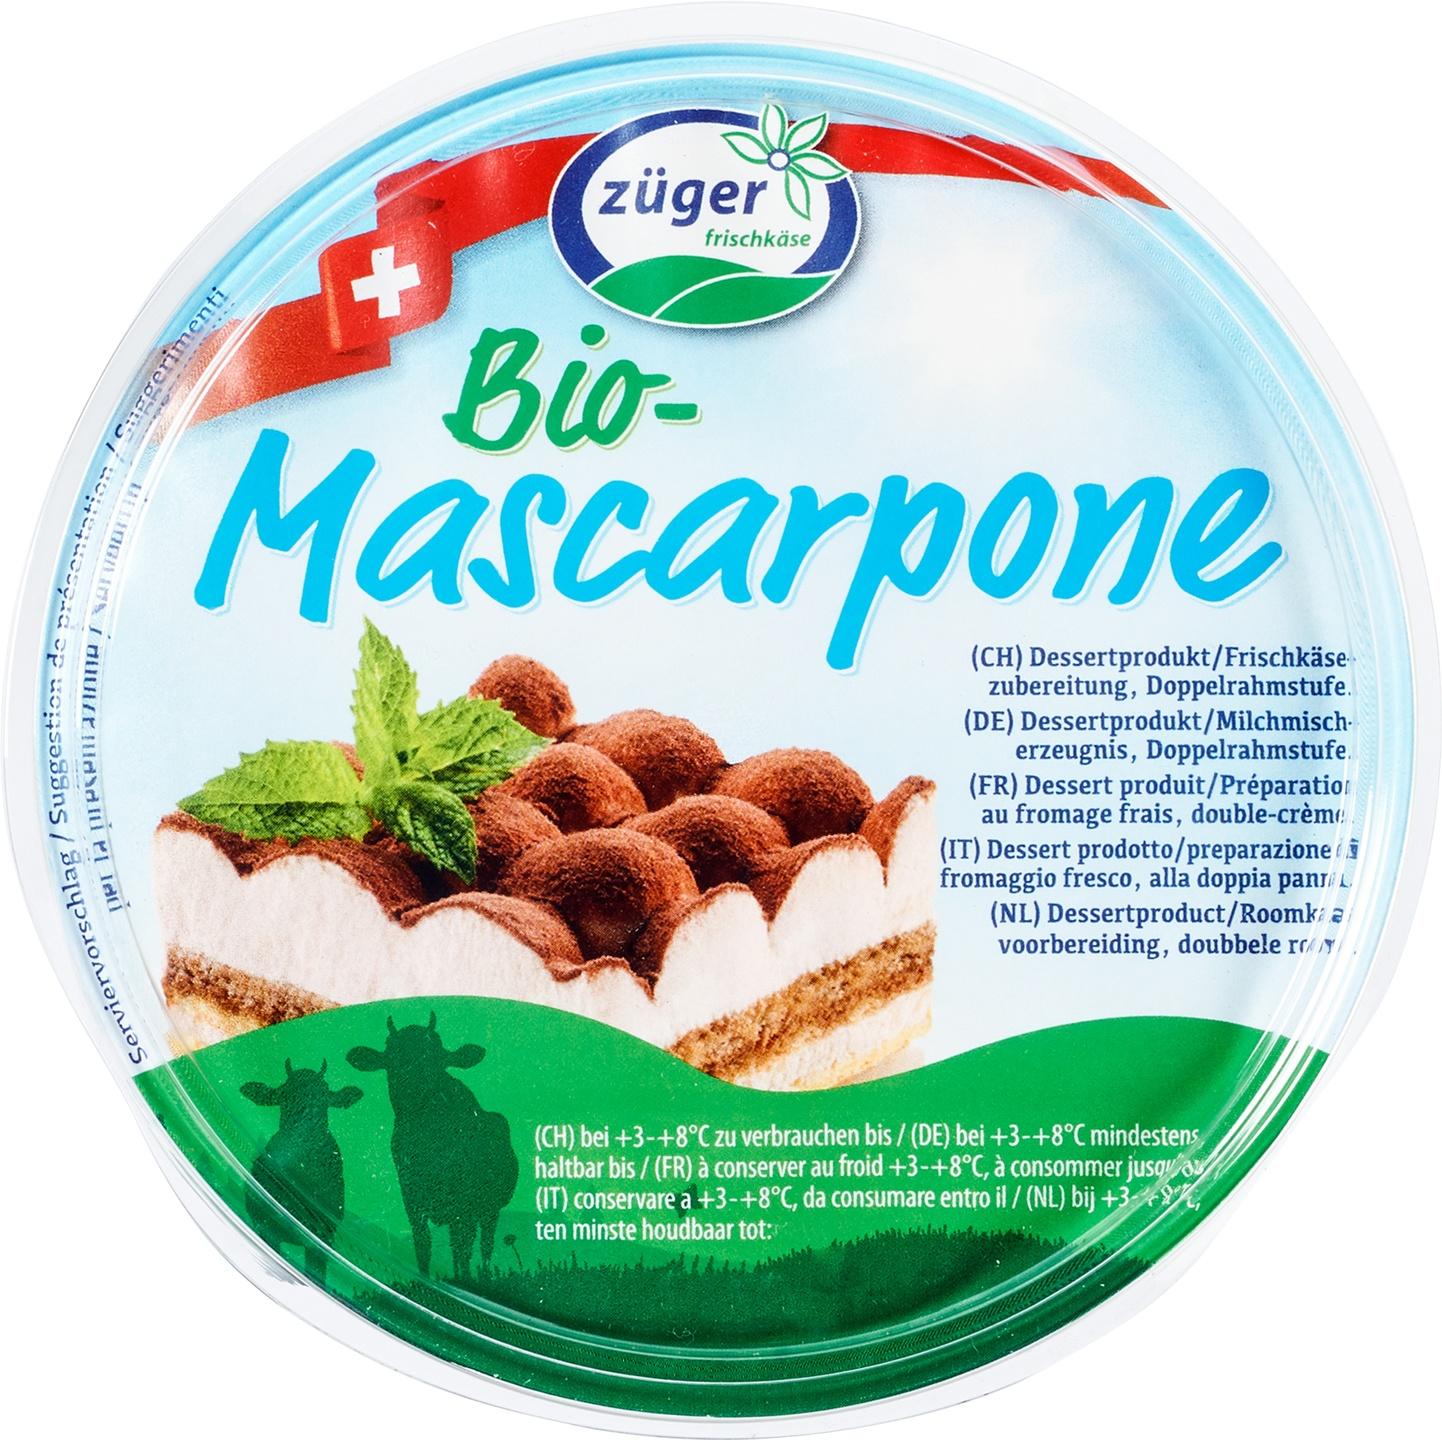 Biologische Züger Mascarpone Bio 250 gr